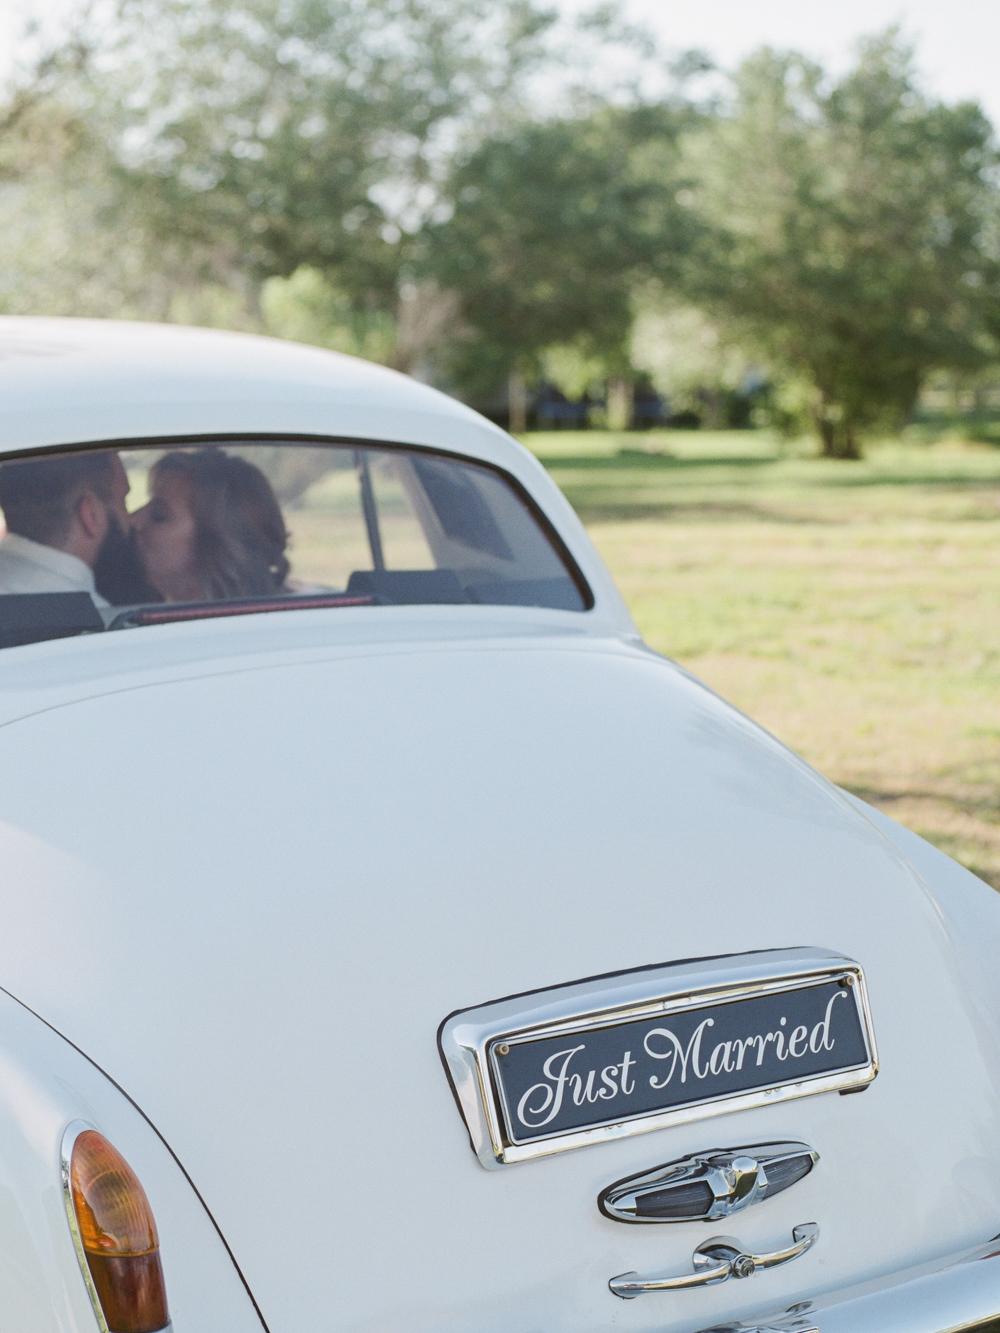 Royal wedding inspiration_christine Gosch_Houston wedding photographer_houston wedding _houston film photographer_film photographer_www.christinegosch.com-8.jpg